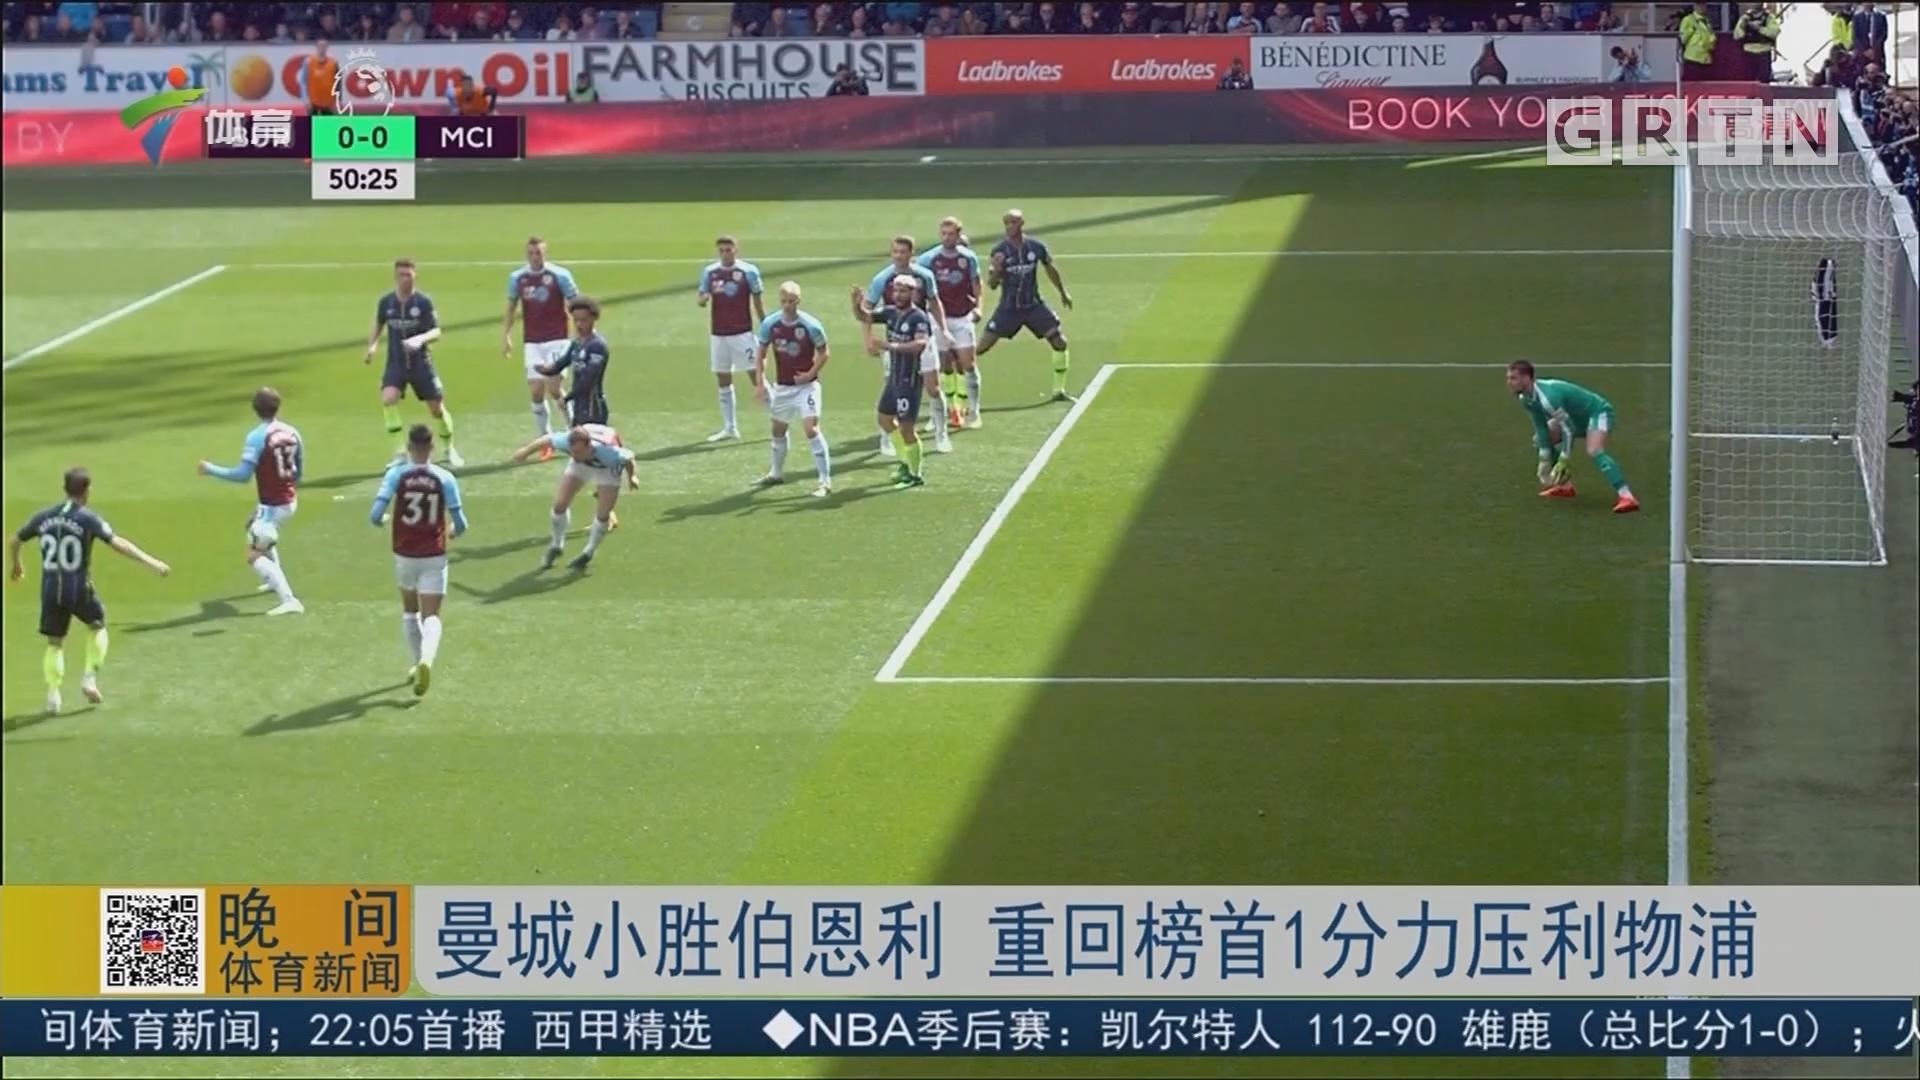 曼城小胜伯恩利 重回榜首1分力压利物浦